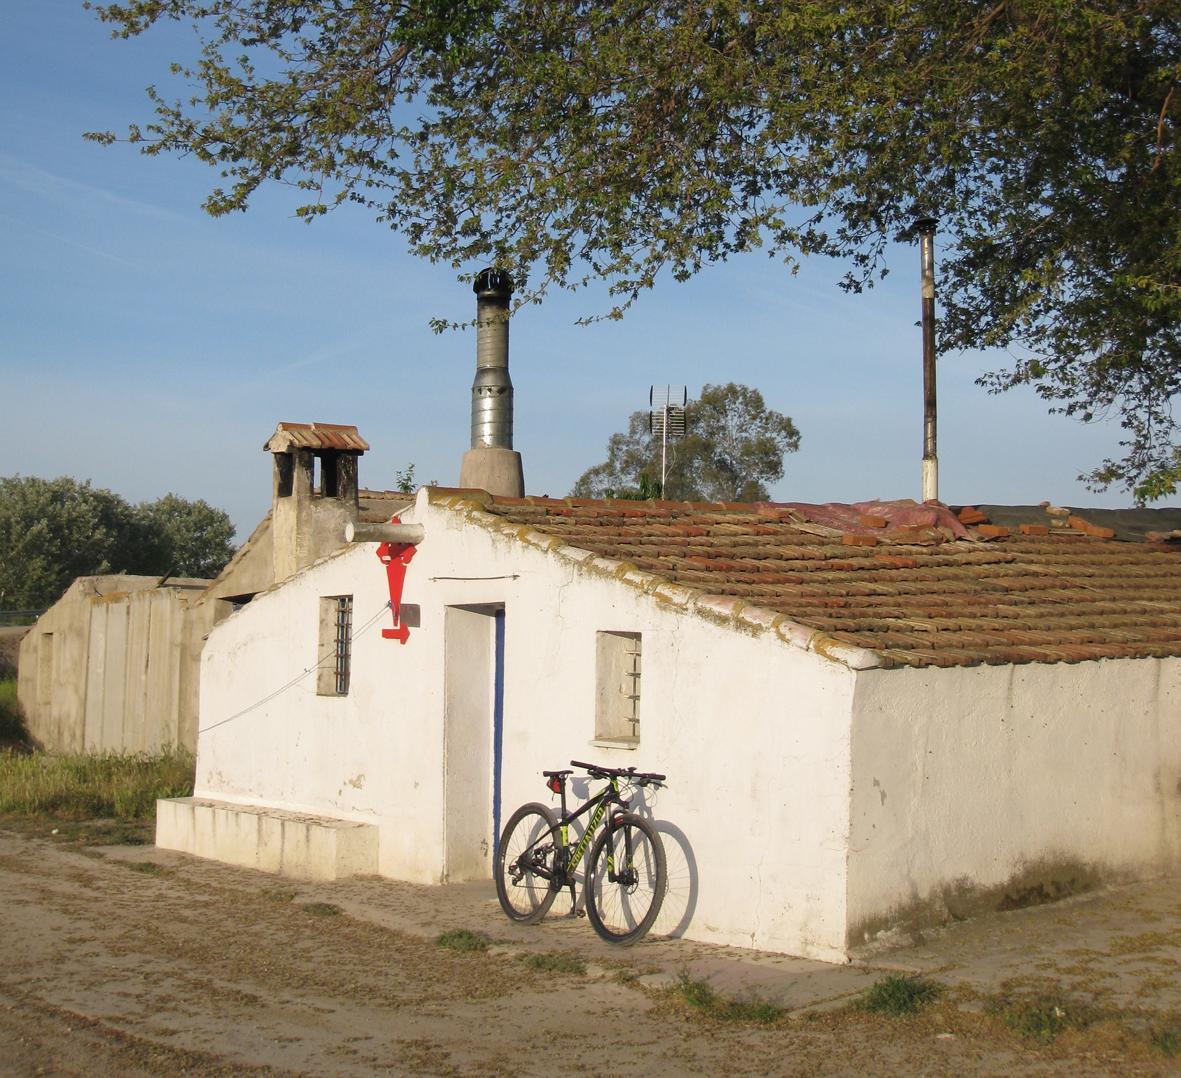 Casita encalada en el camino a Uclés con bicicleta apoyada en su fachada